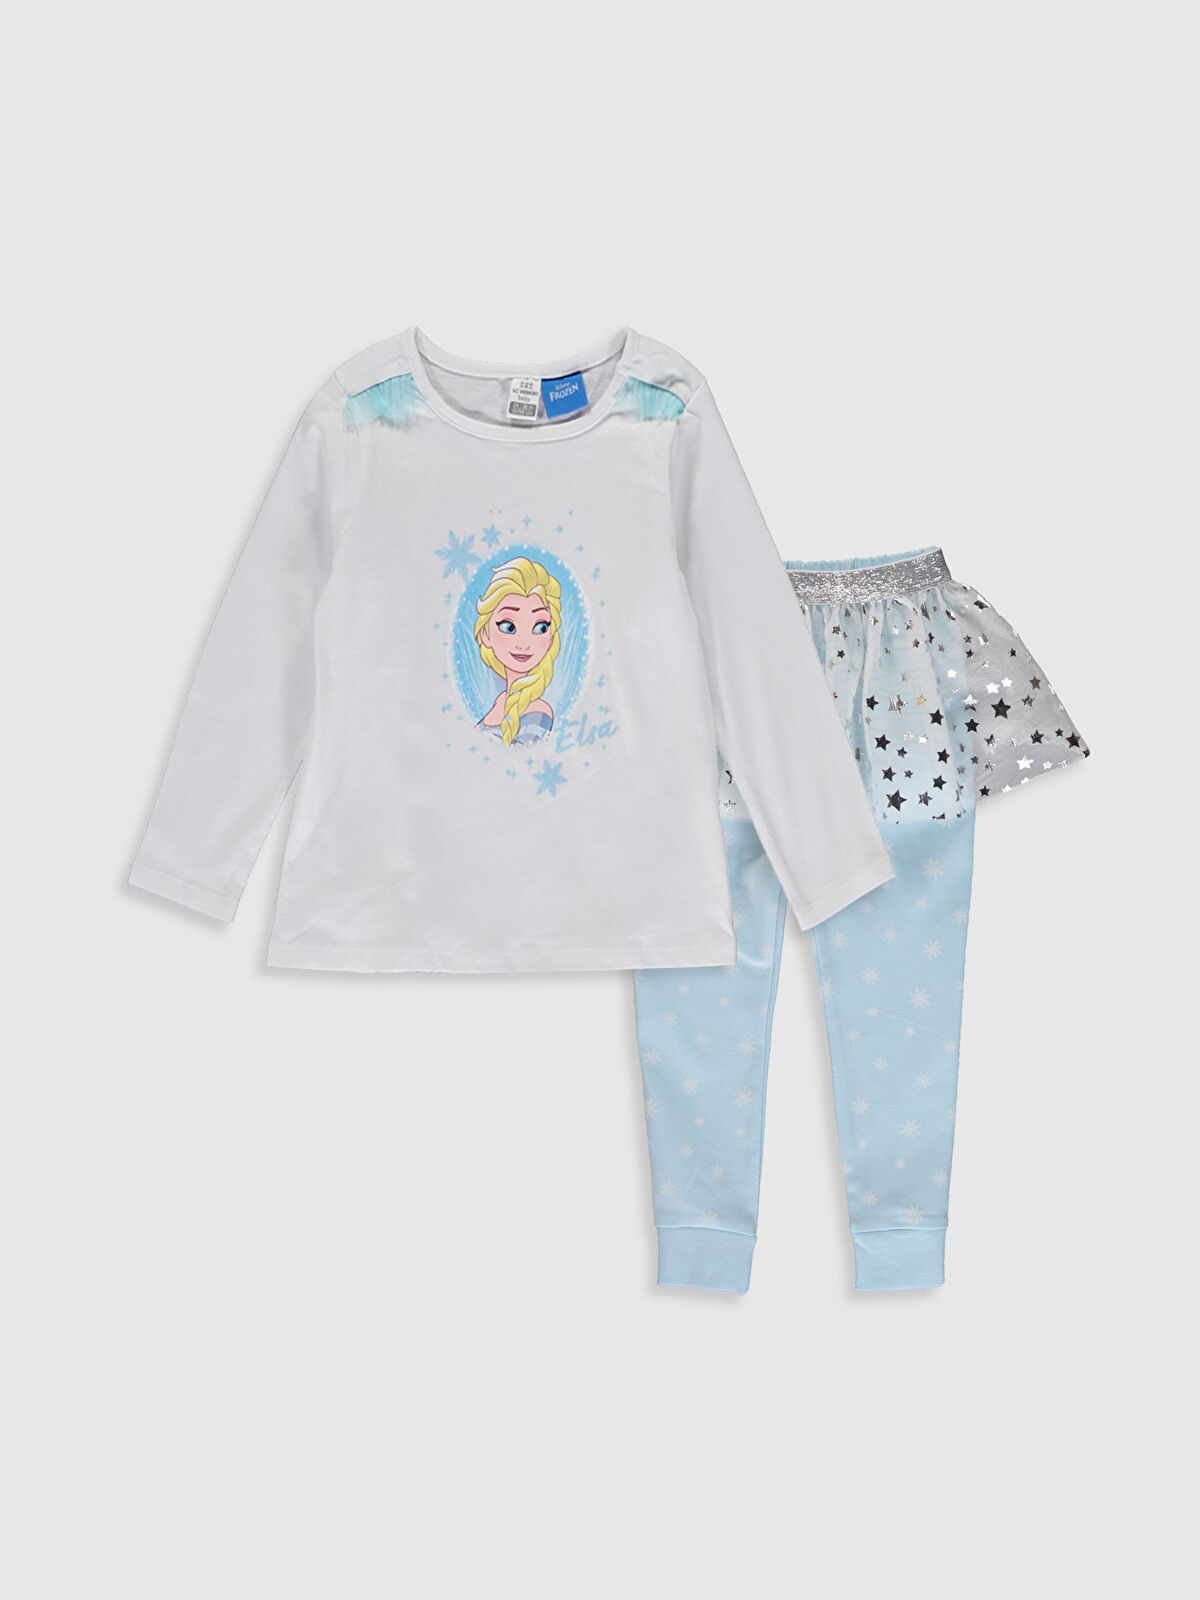 Kız Bebek Elsa Baskılı Pijama Takımı 3'lü - LC WAIKIKI